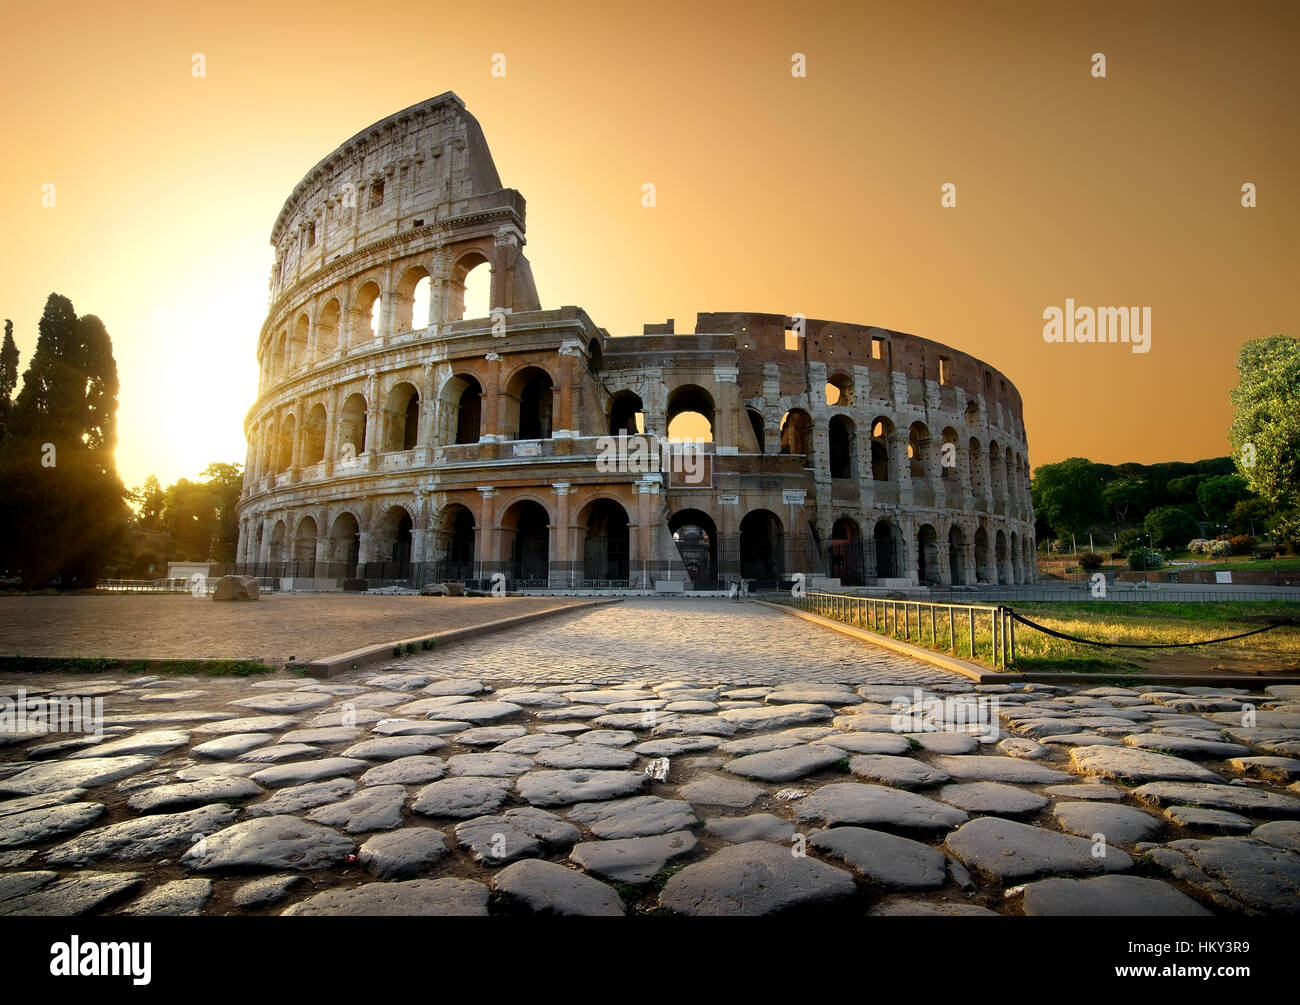 Cielo amarillo y el coliseo en Roma, Italia Imagen De Stock